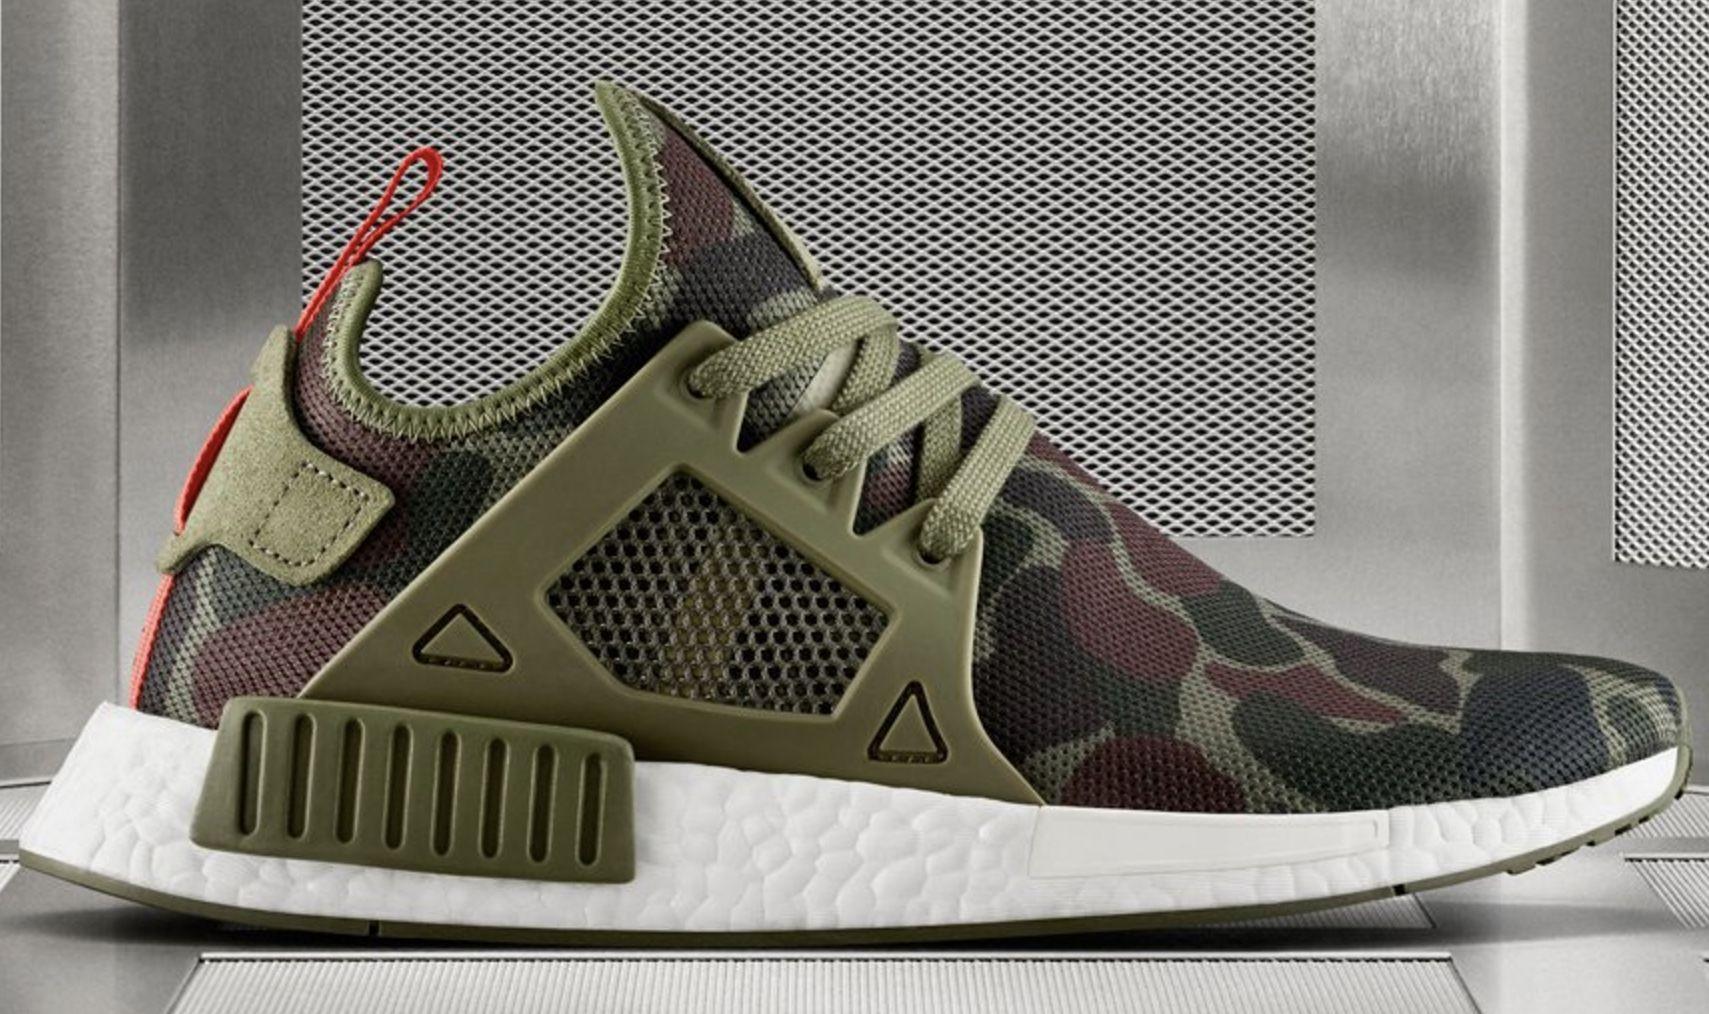 Adidas Nmd Xr1 Drop 1